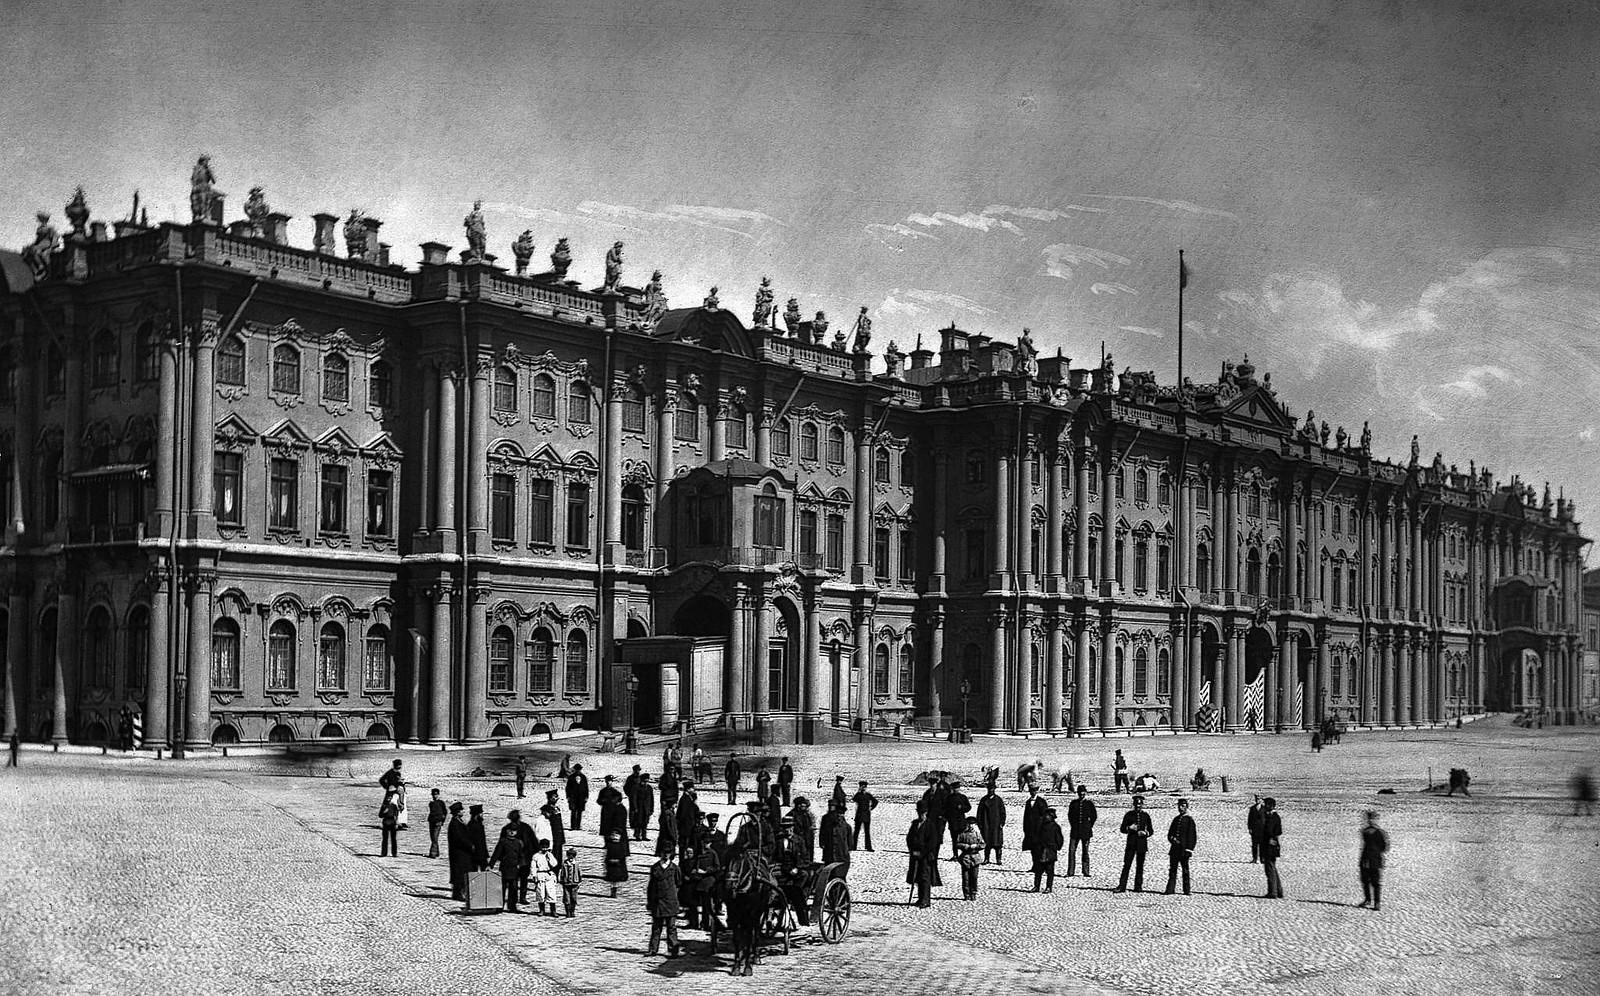 Дворцовая площадь. 1880-е